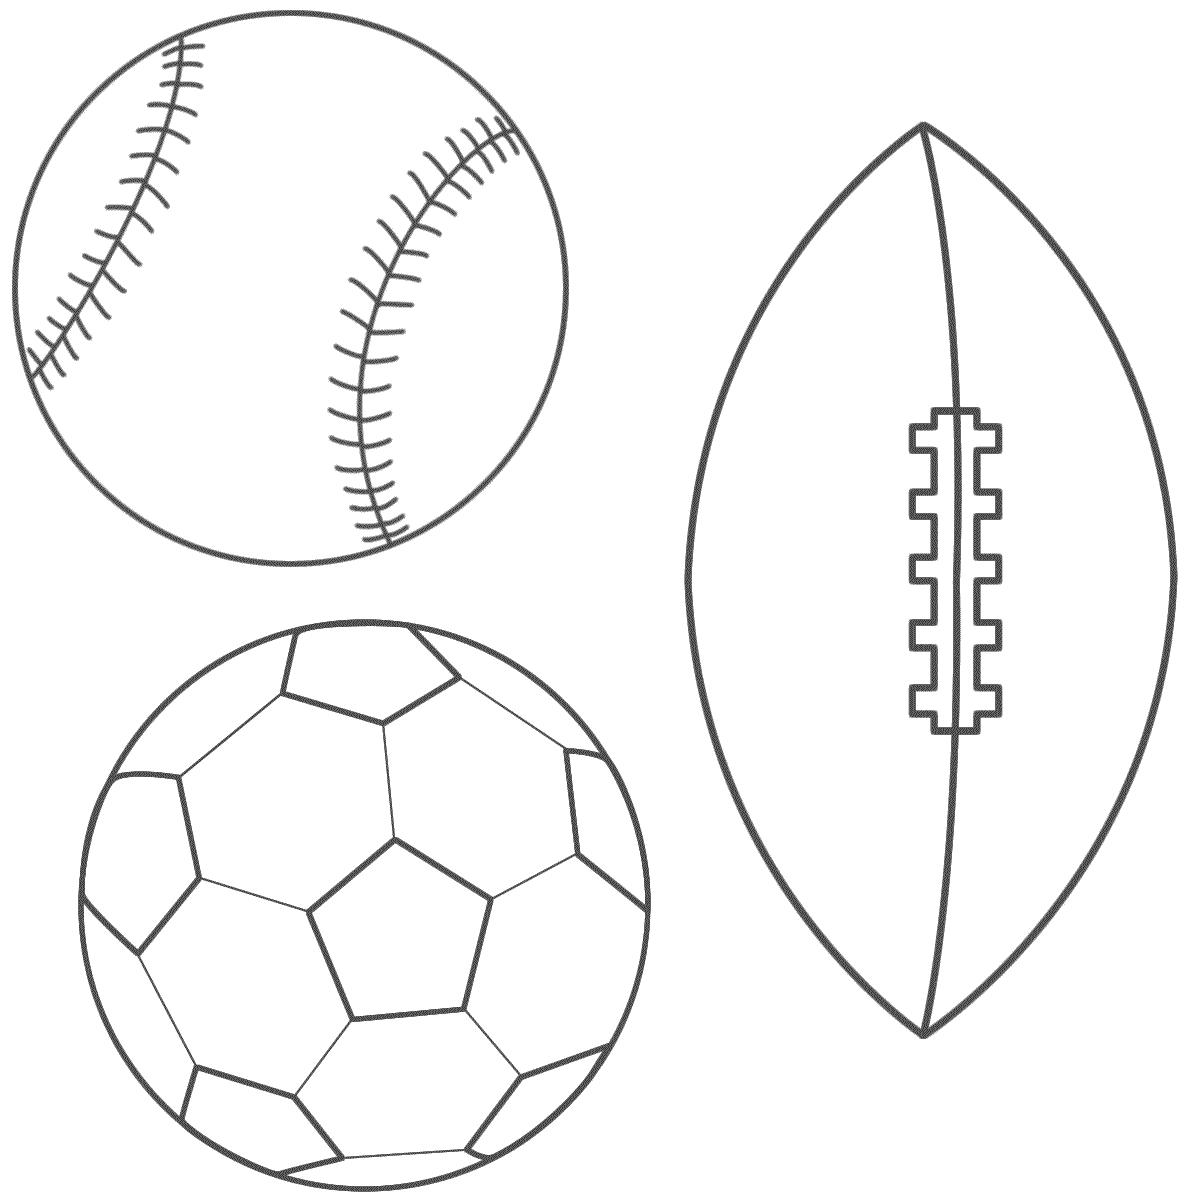 Baseball, Soccer Ball And Football